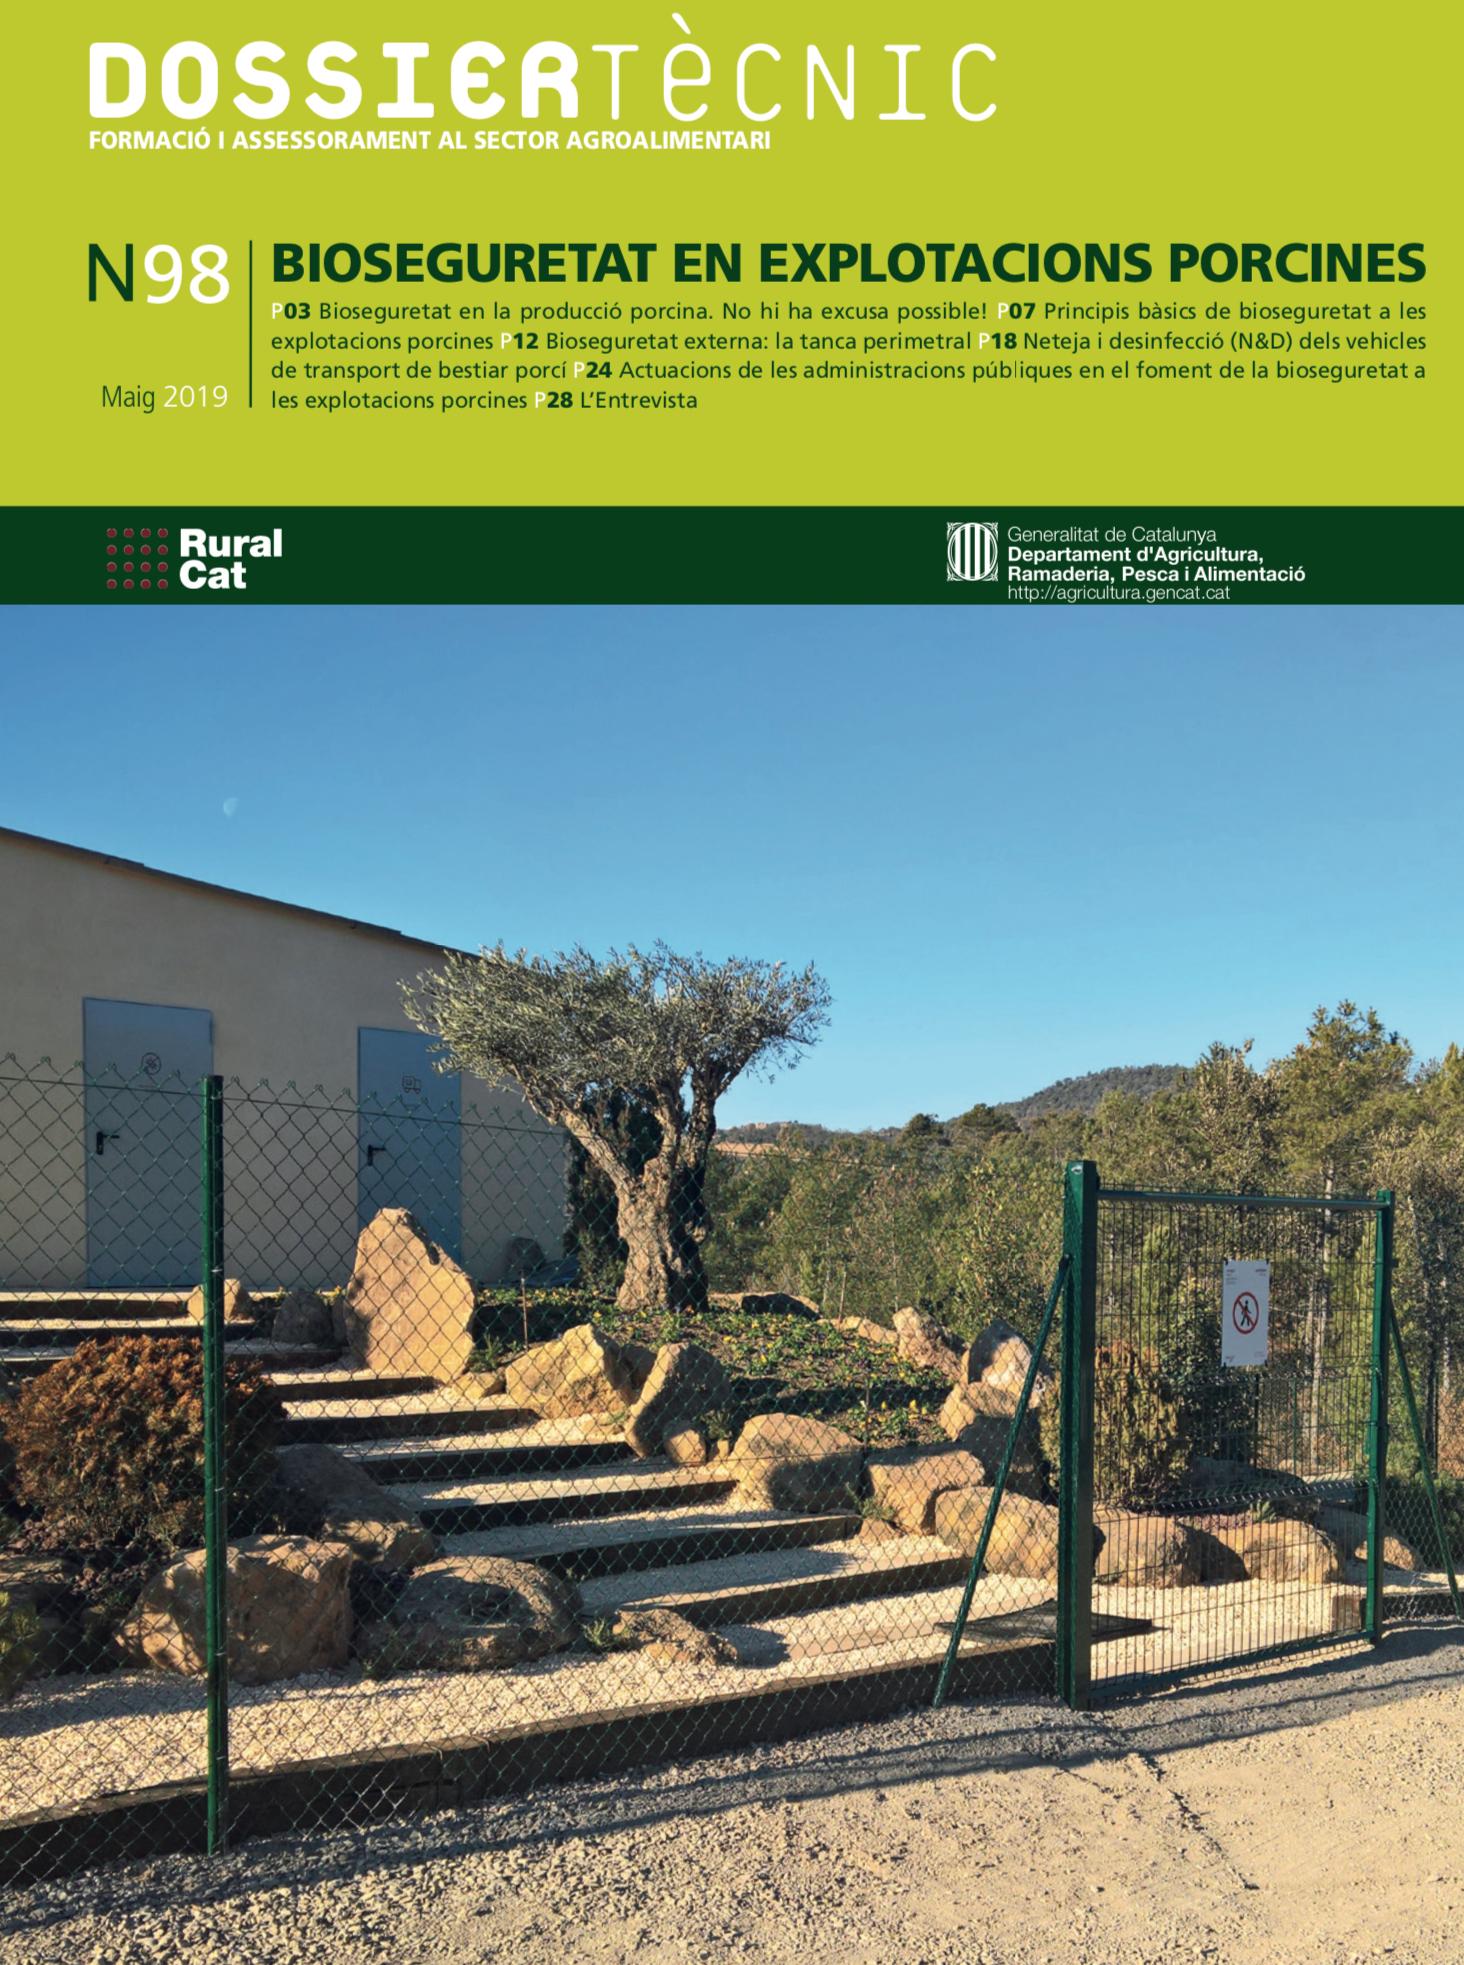 Sergal - Bioseguridad - Ruralcat